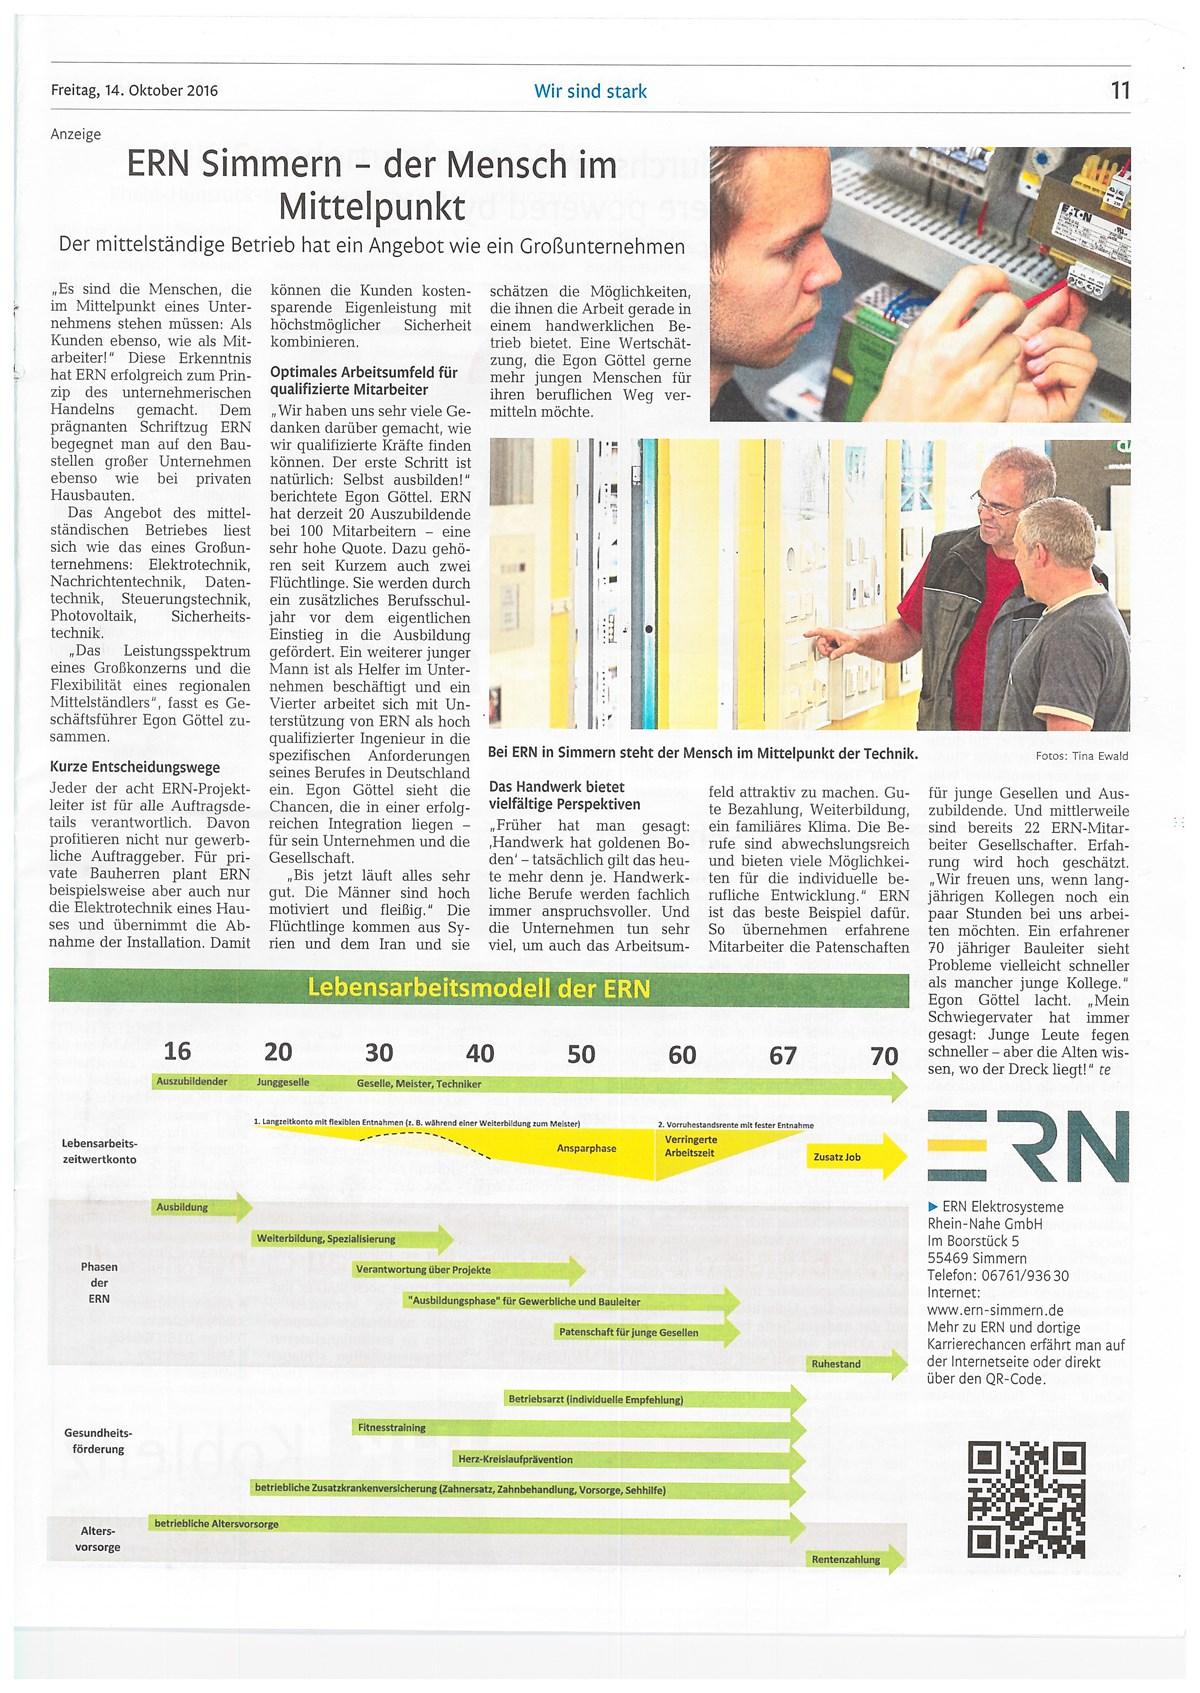 ERN Simmern - der Mensch im Mittelpunkt — ERN Elektrosysteme Rhein-Nahe